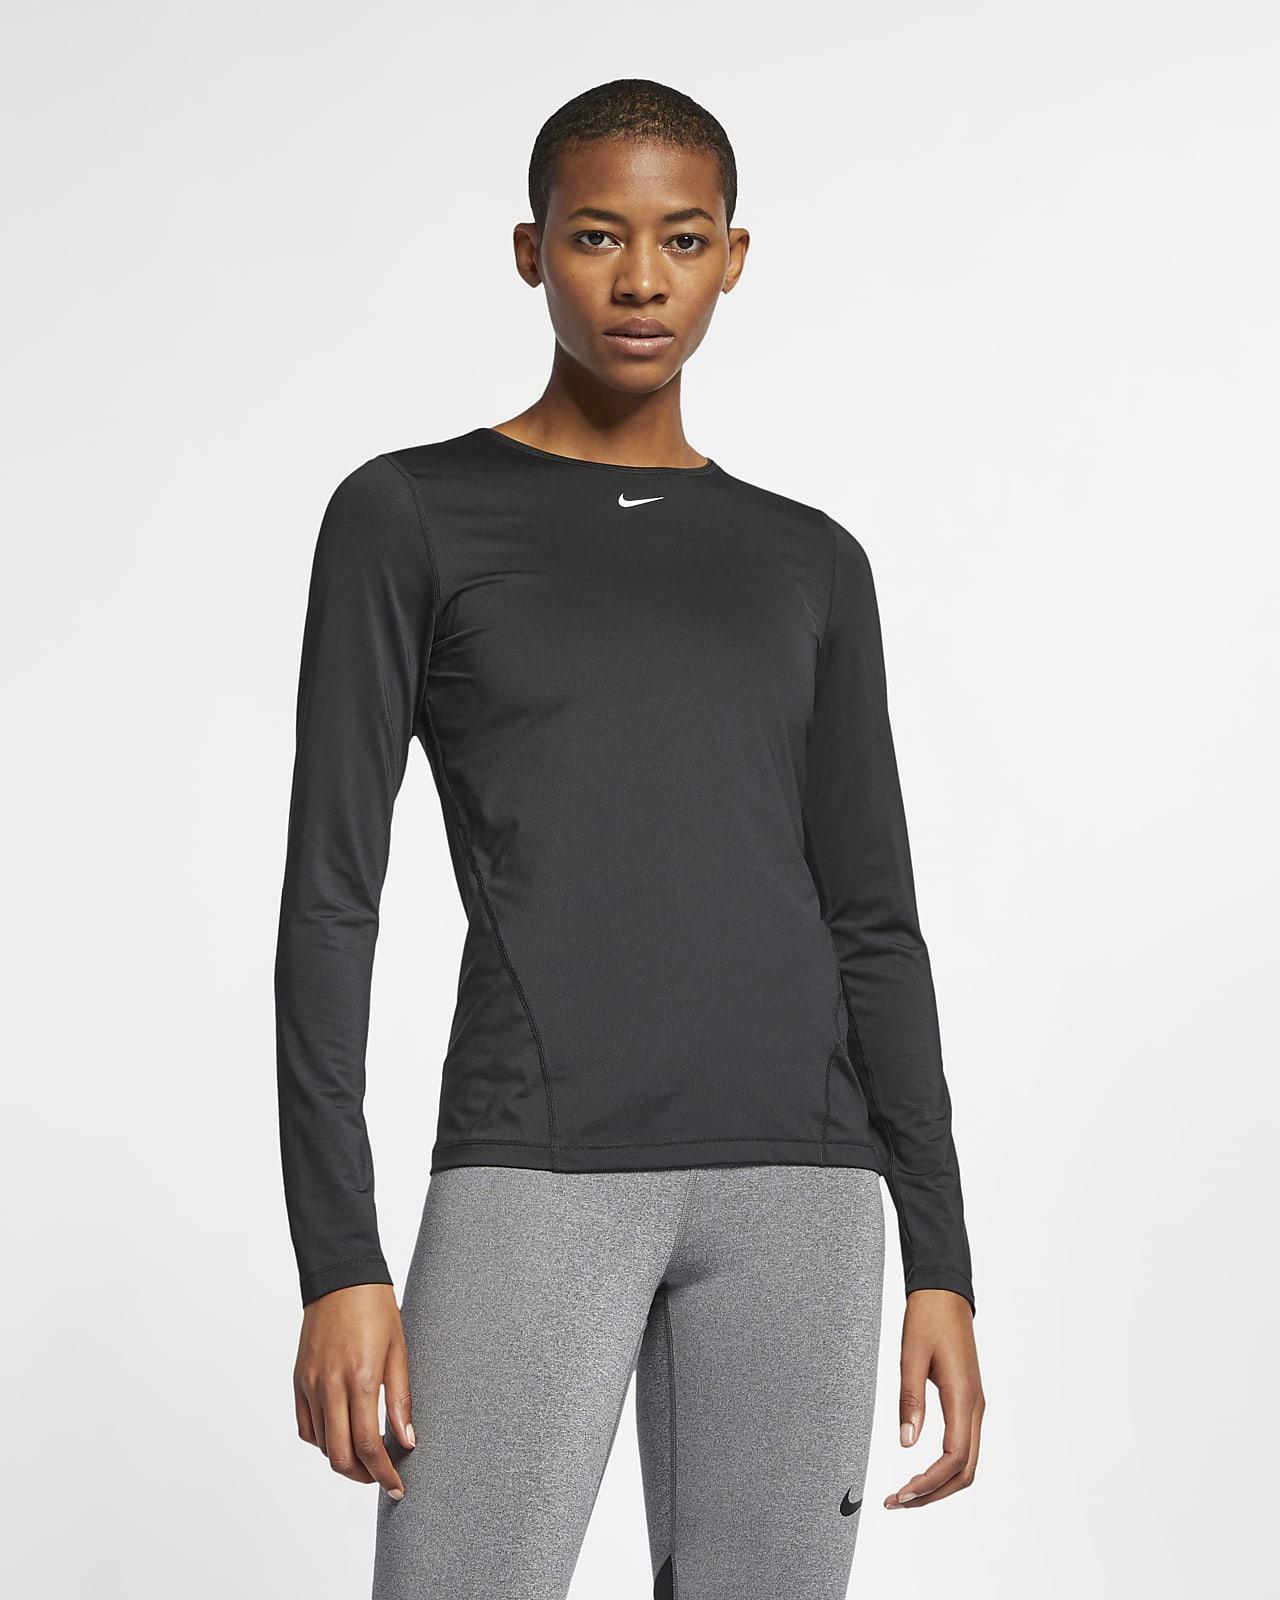 Женская футболка из сетчатой ткани с длинным рукавом Nike Pro